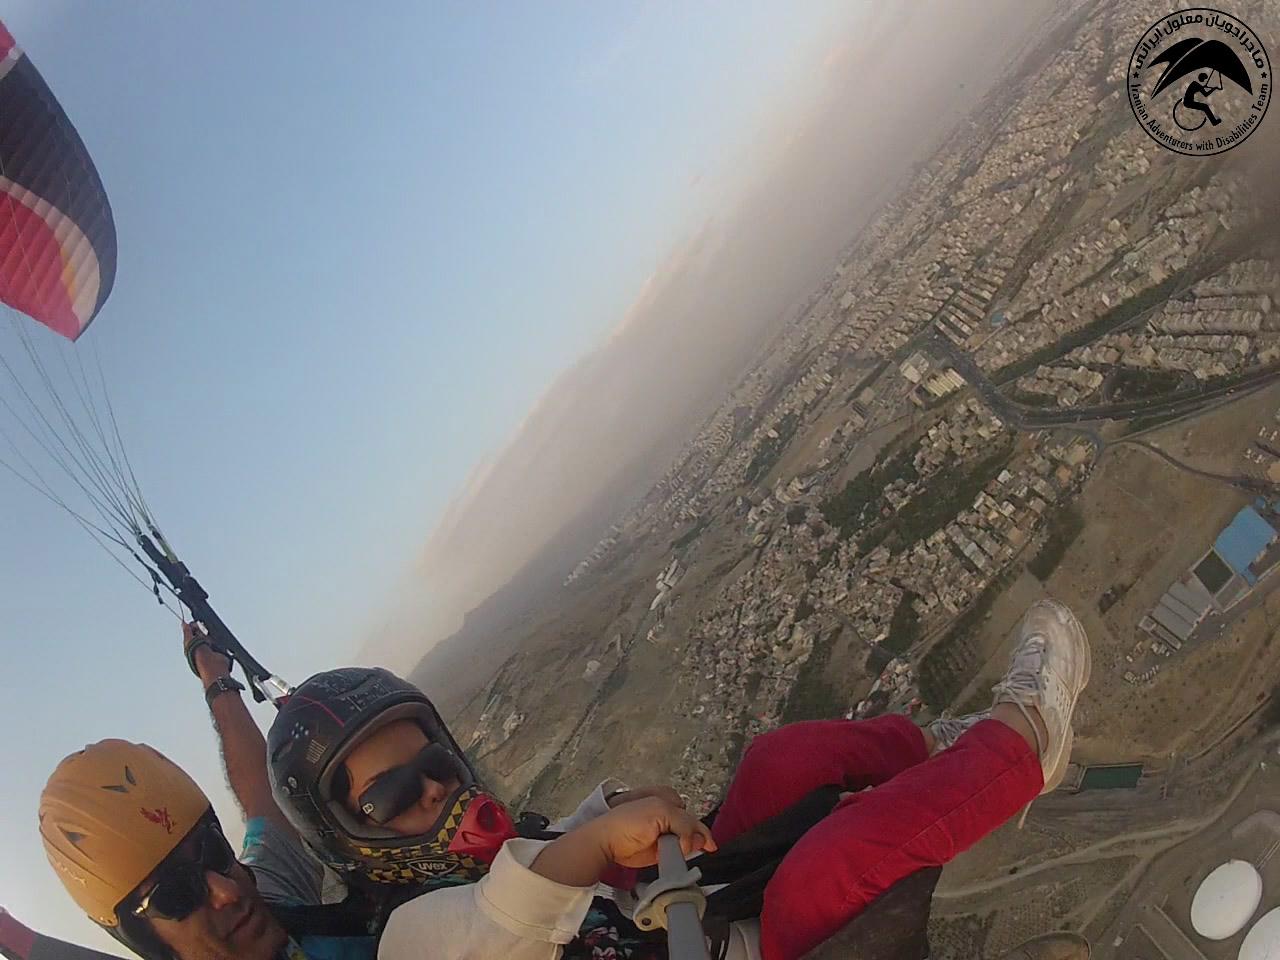 ماجراجویان معلول ایران - پرواز با پاراگلایدر